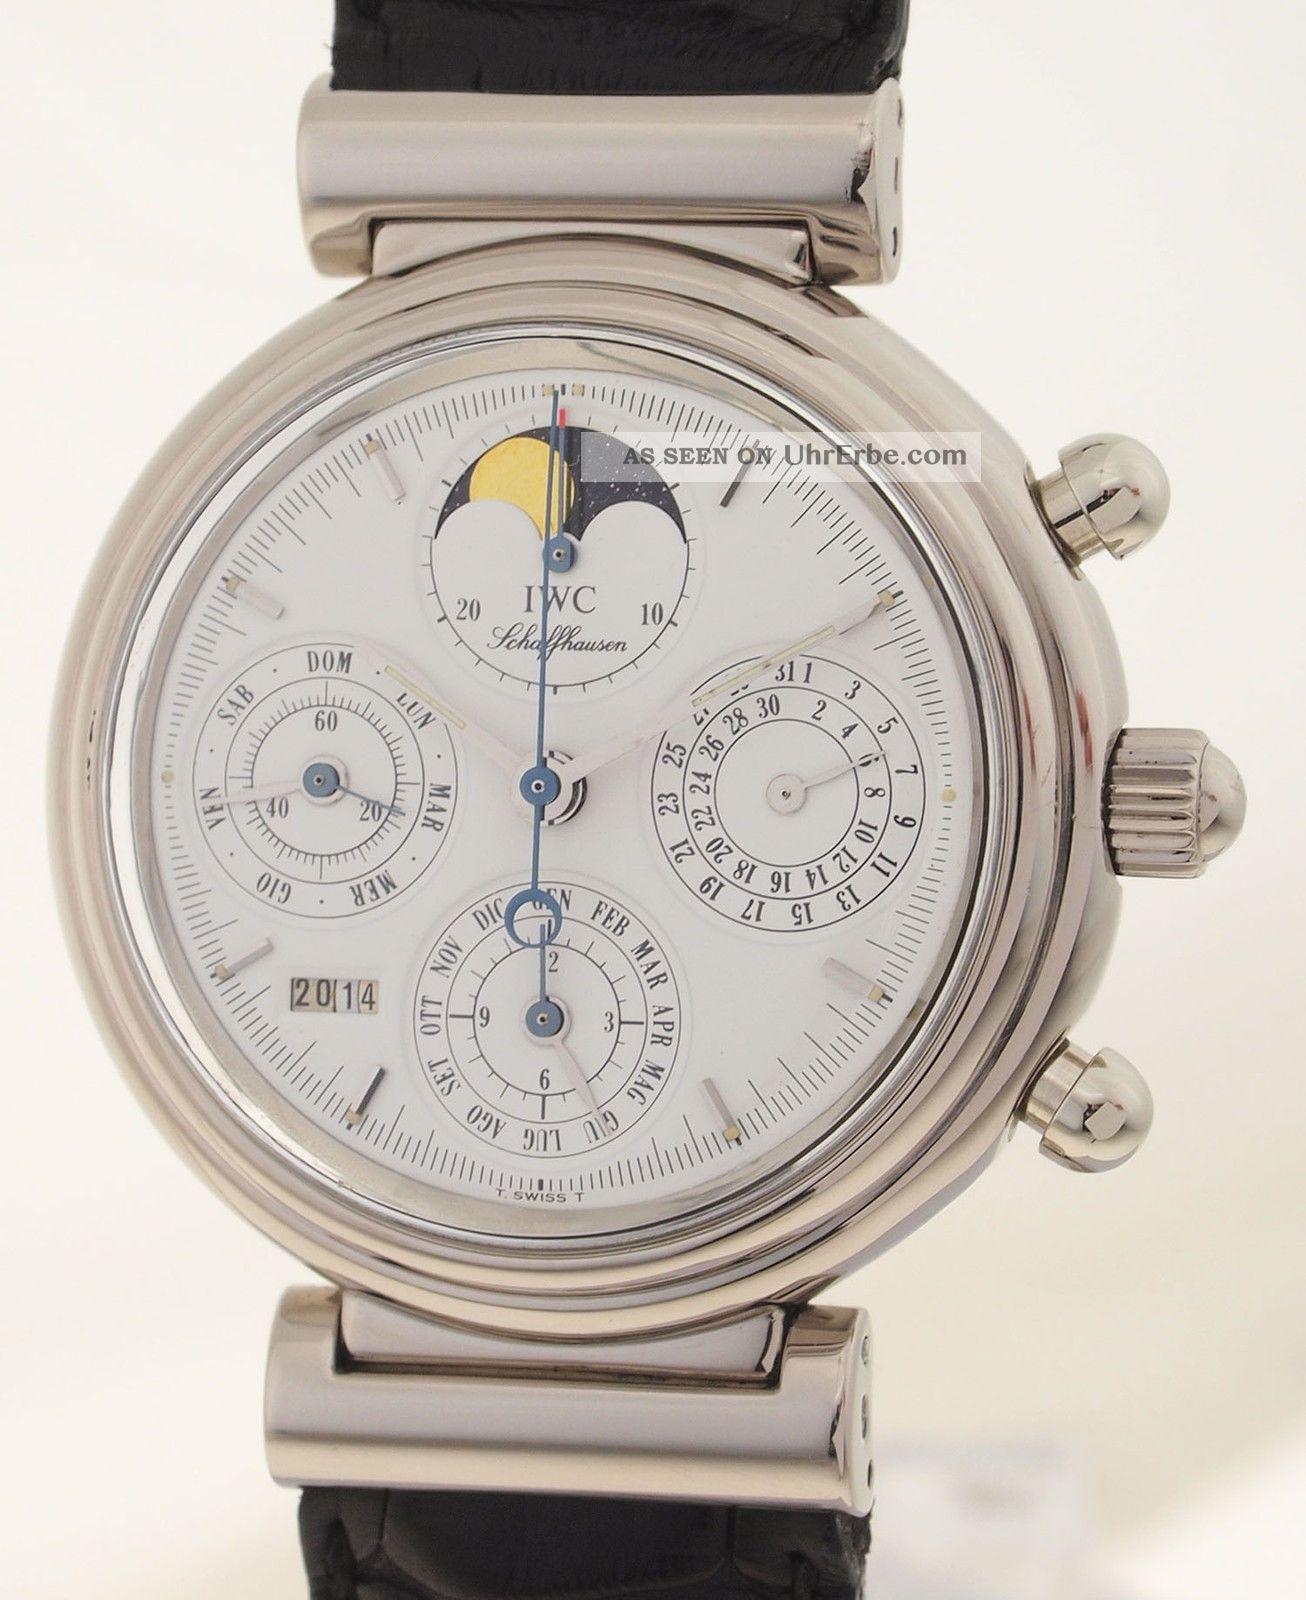 Iwc Da Vinci Ewiger Kalender - 18ct Weissgold - Erste Serie Nr.  150 - Sammleruhr Armbanduhren Bild